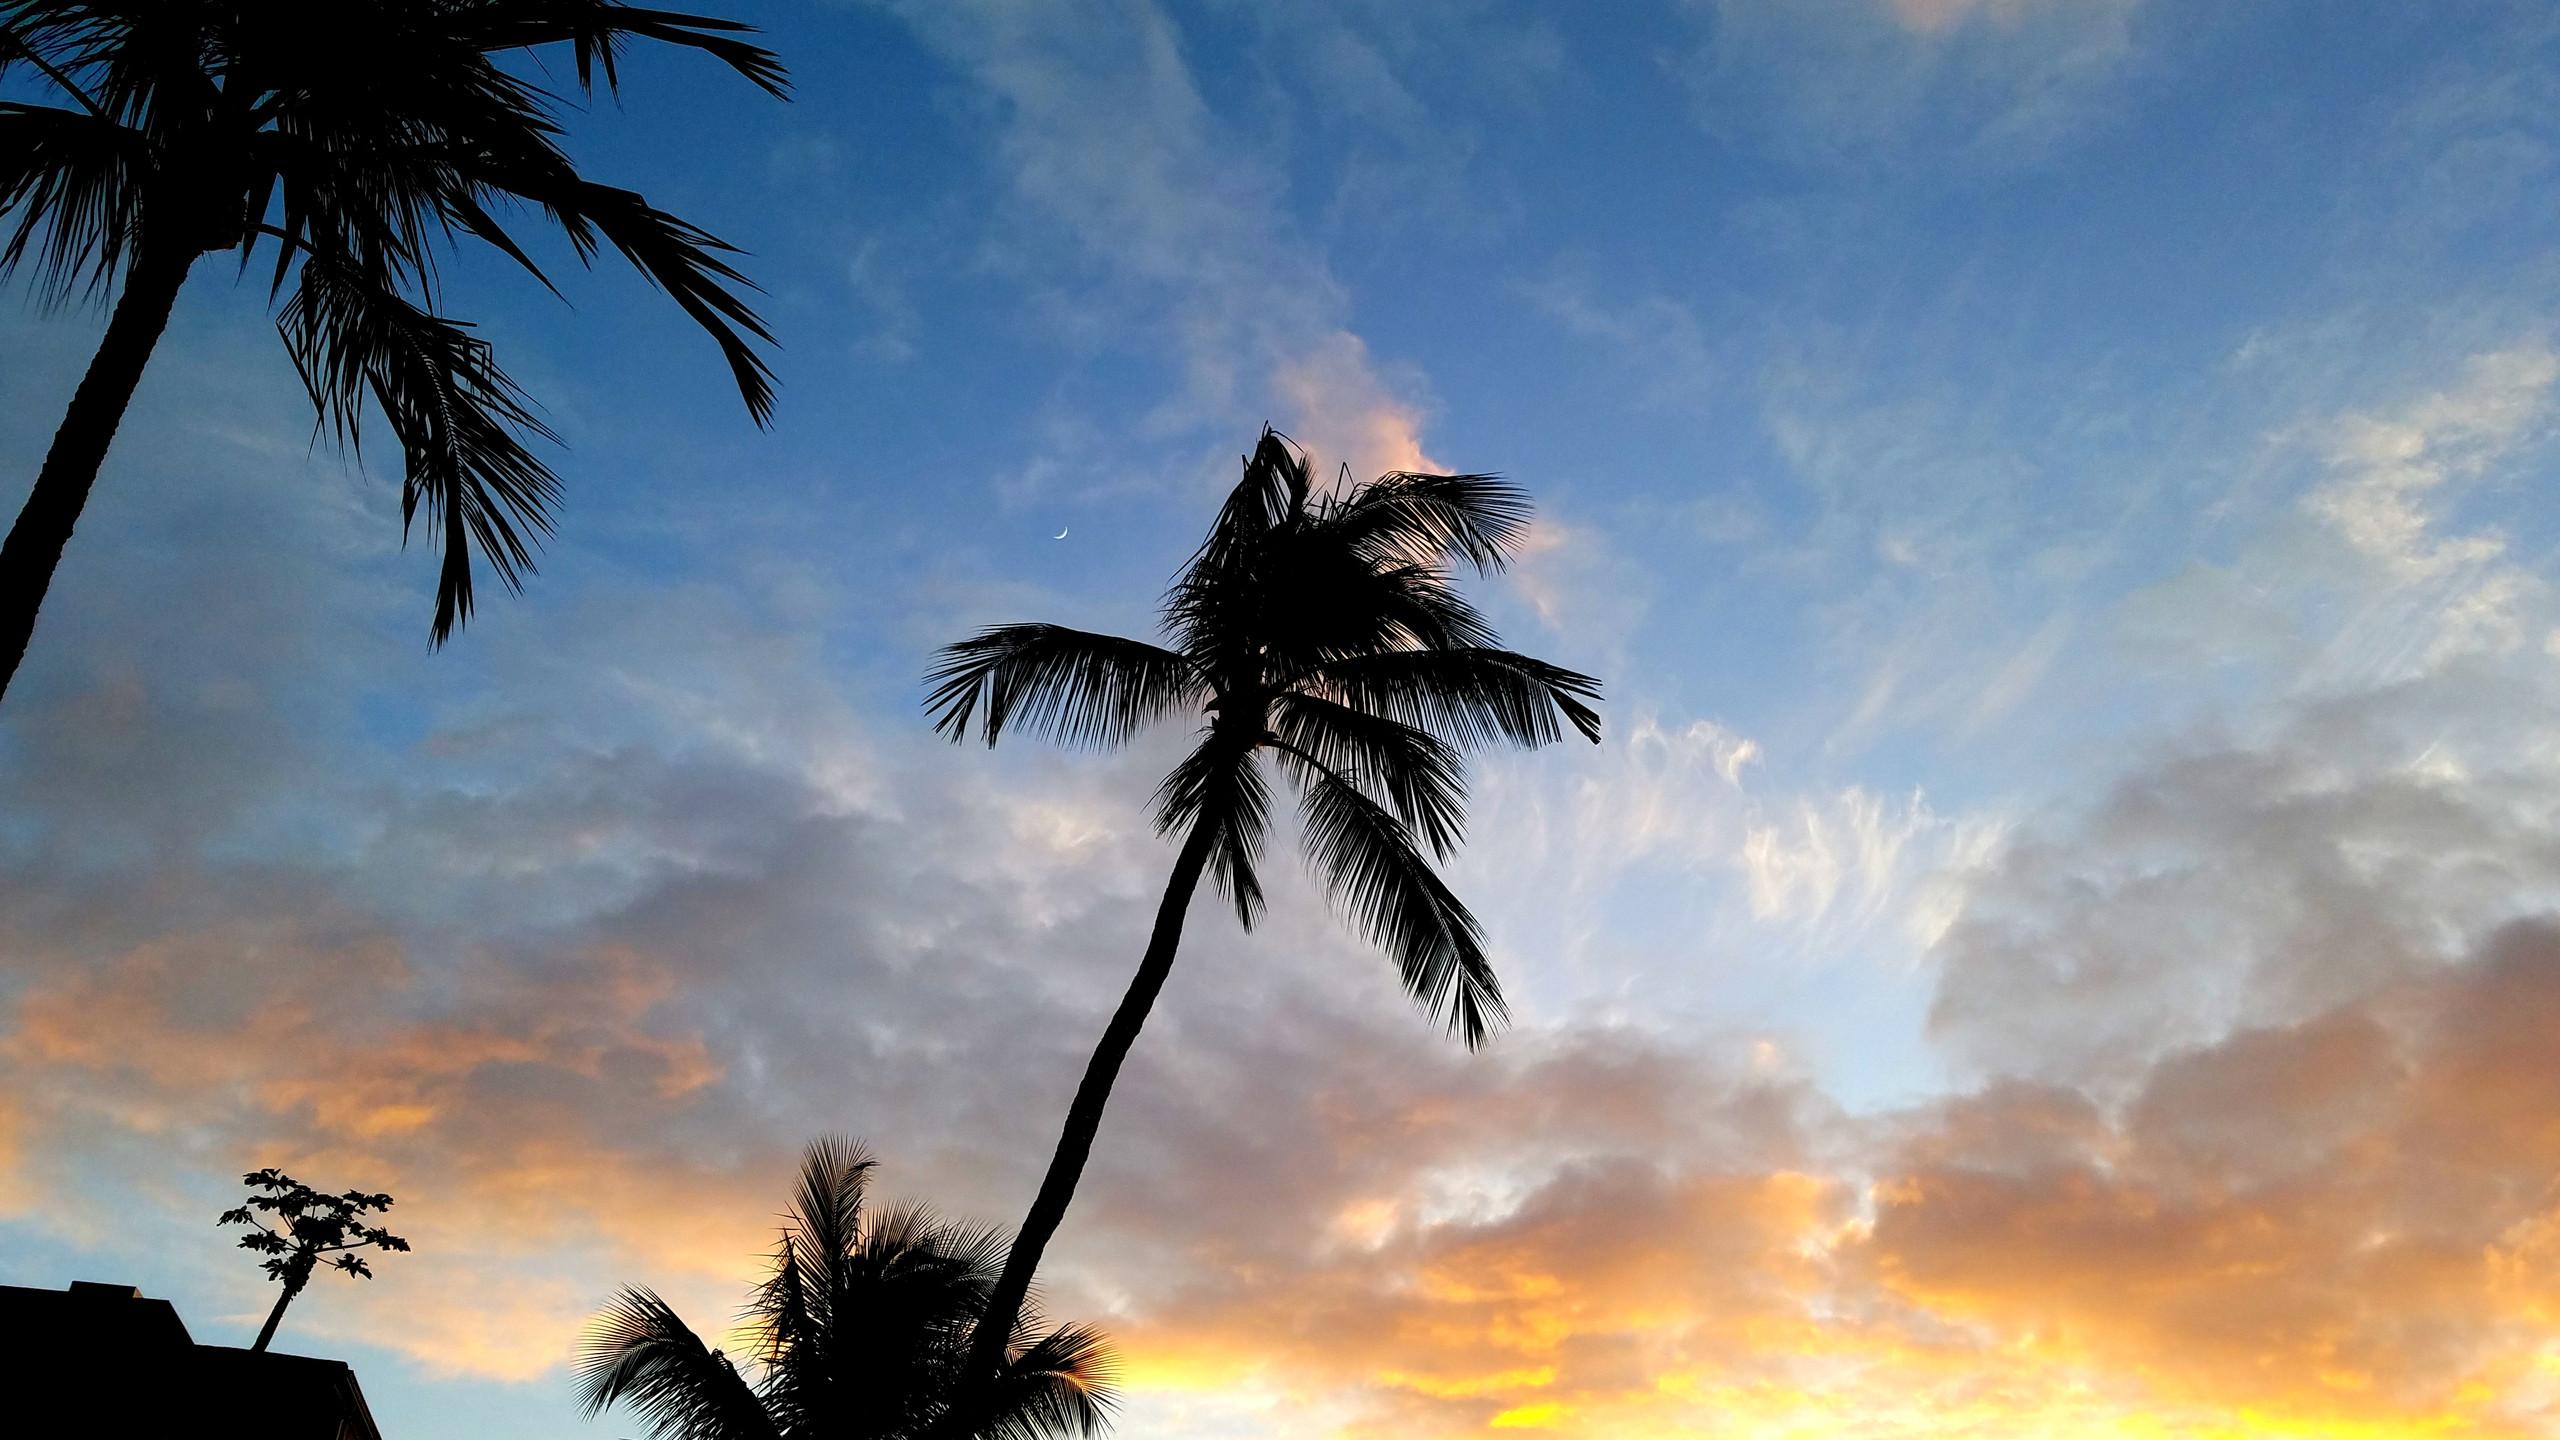 Hale Mahina Condos, West Maui HI